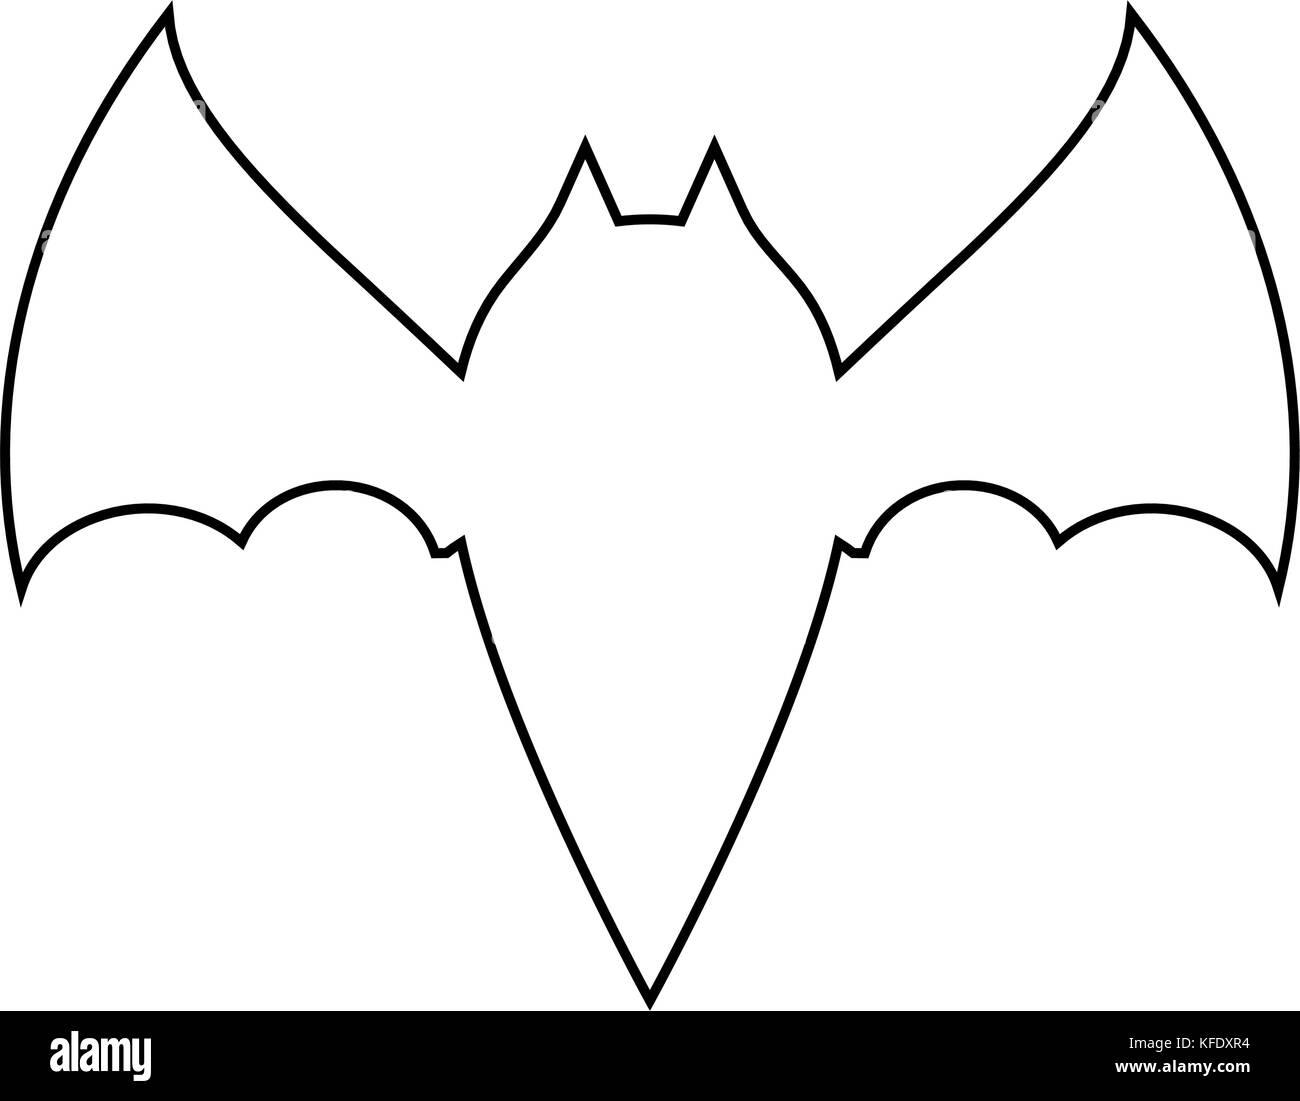 Black bat outline